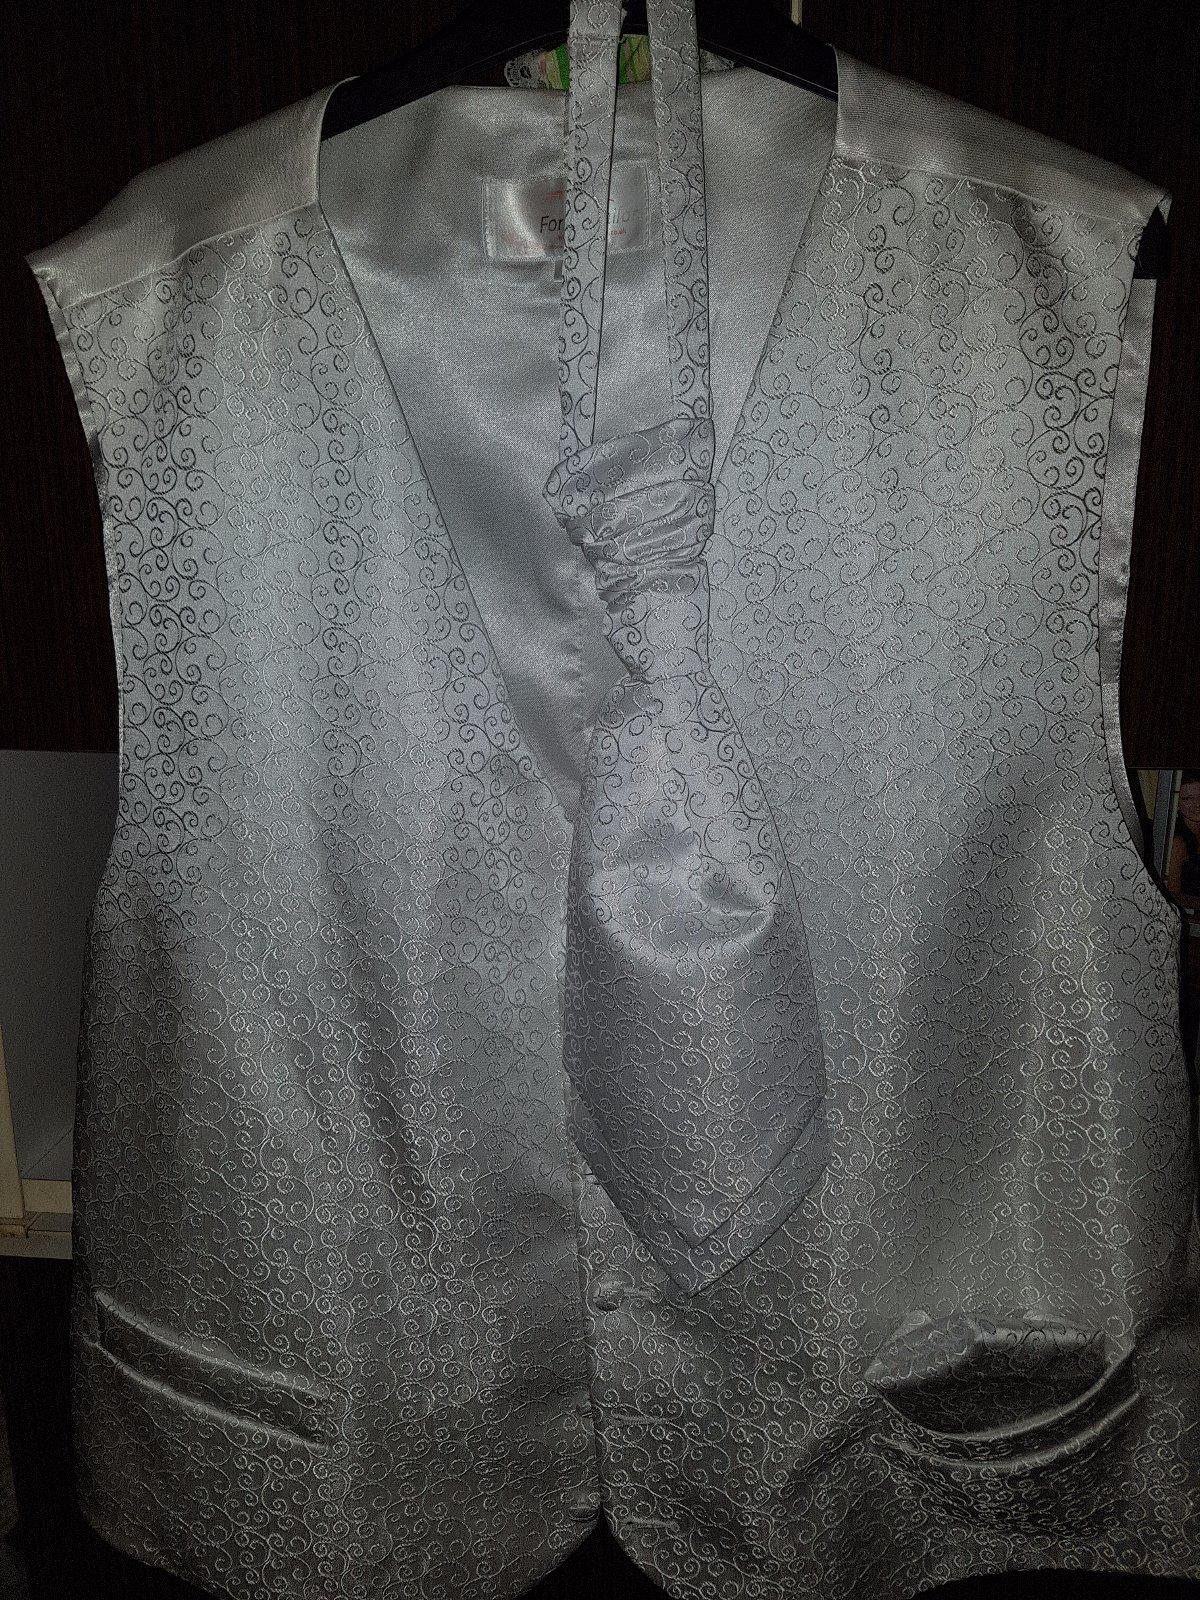 a6e0a0a2b Svadobna vesta+kravata+ozdobna vreckovka, 48 - 10 € od predávajúcej  adita242 | Detský bazár | ModryKonik.sk